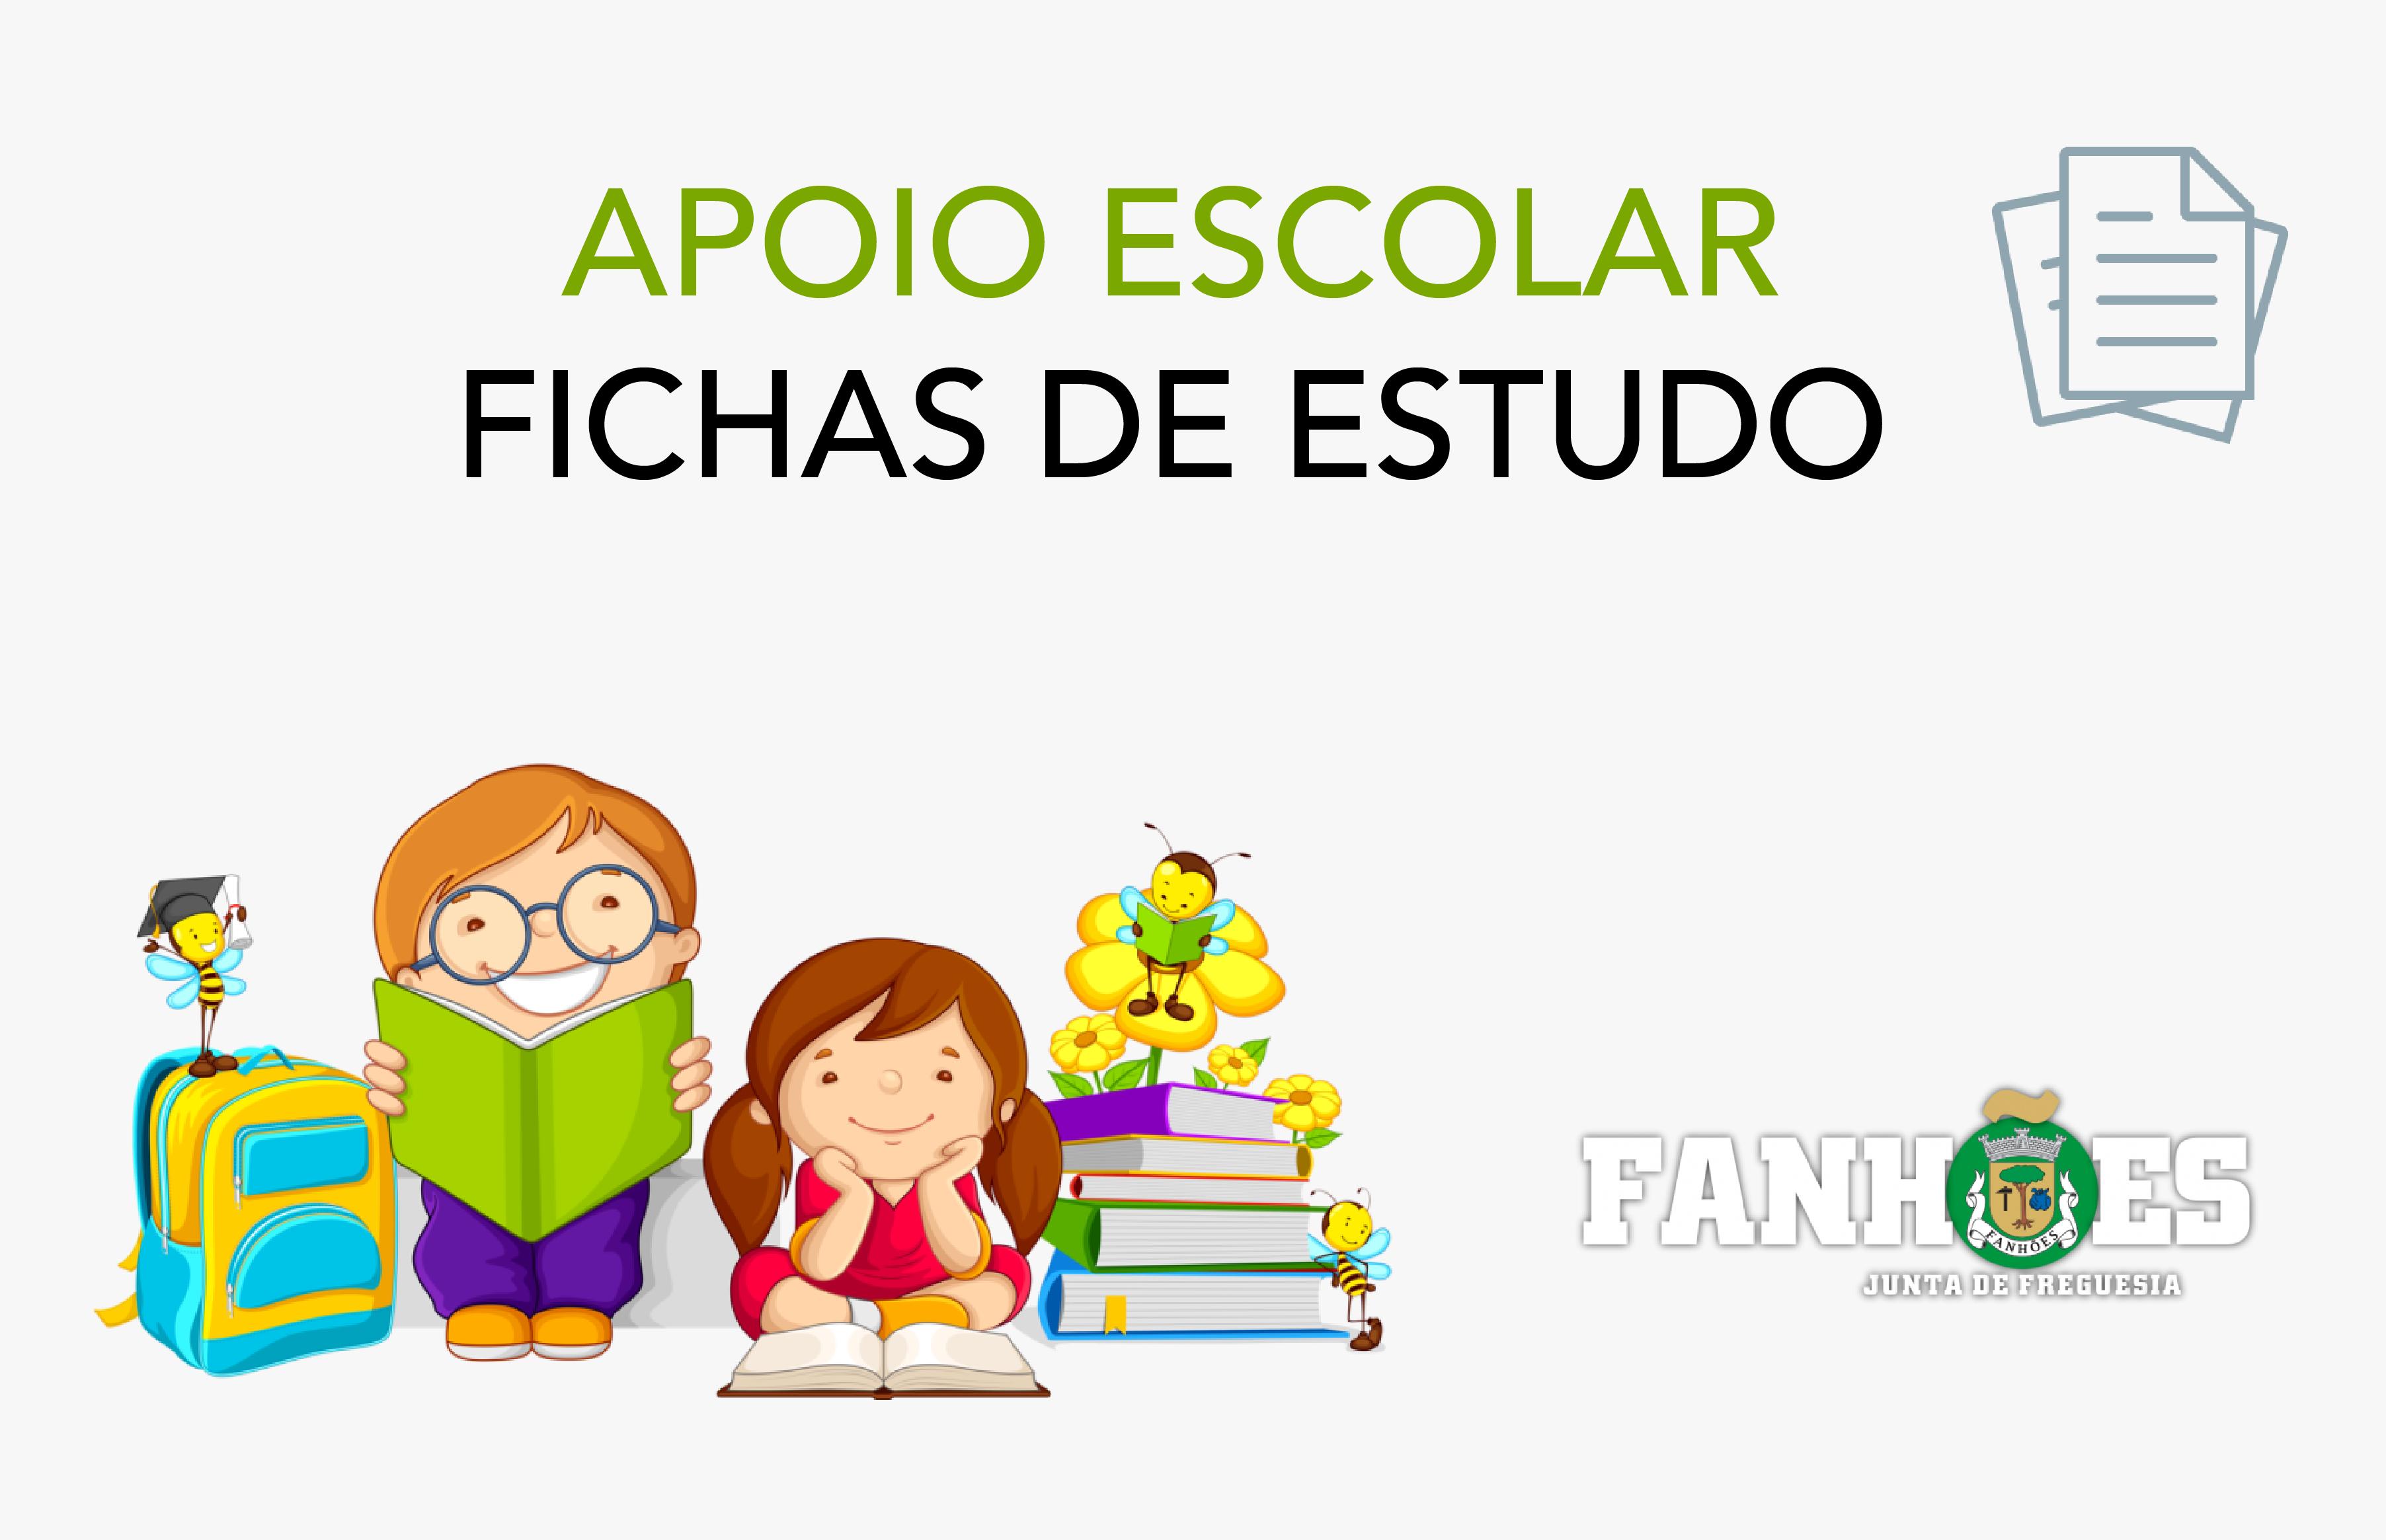 Apoio Escolar nas cópias de Fichas de Estudo no apoio aos alunos da freguesia que não têm impressora!